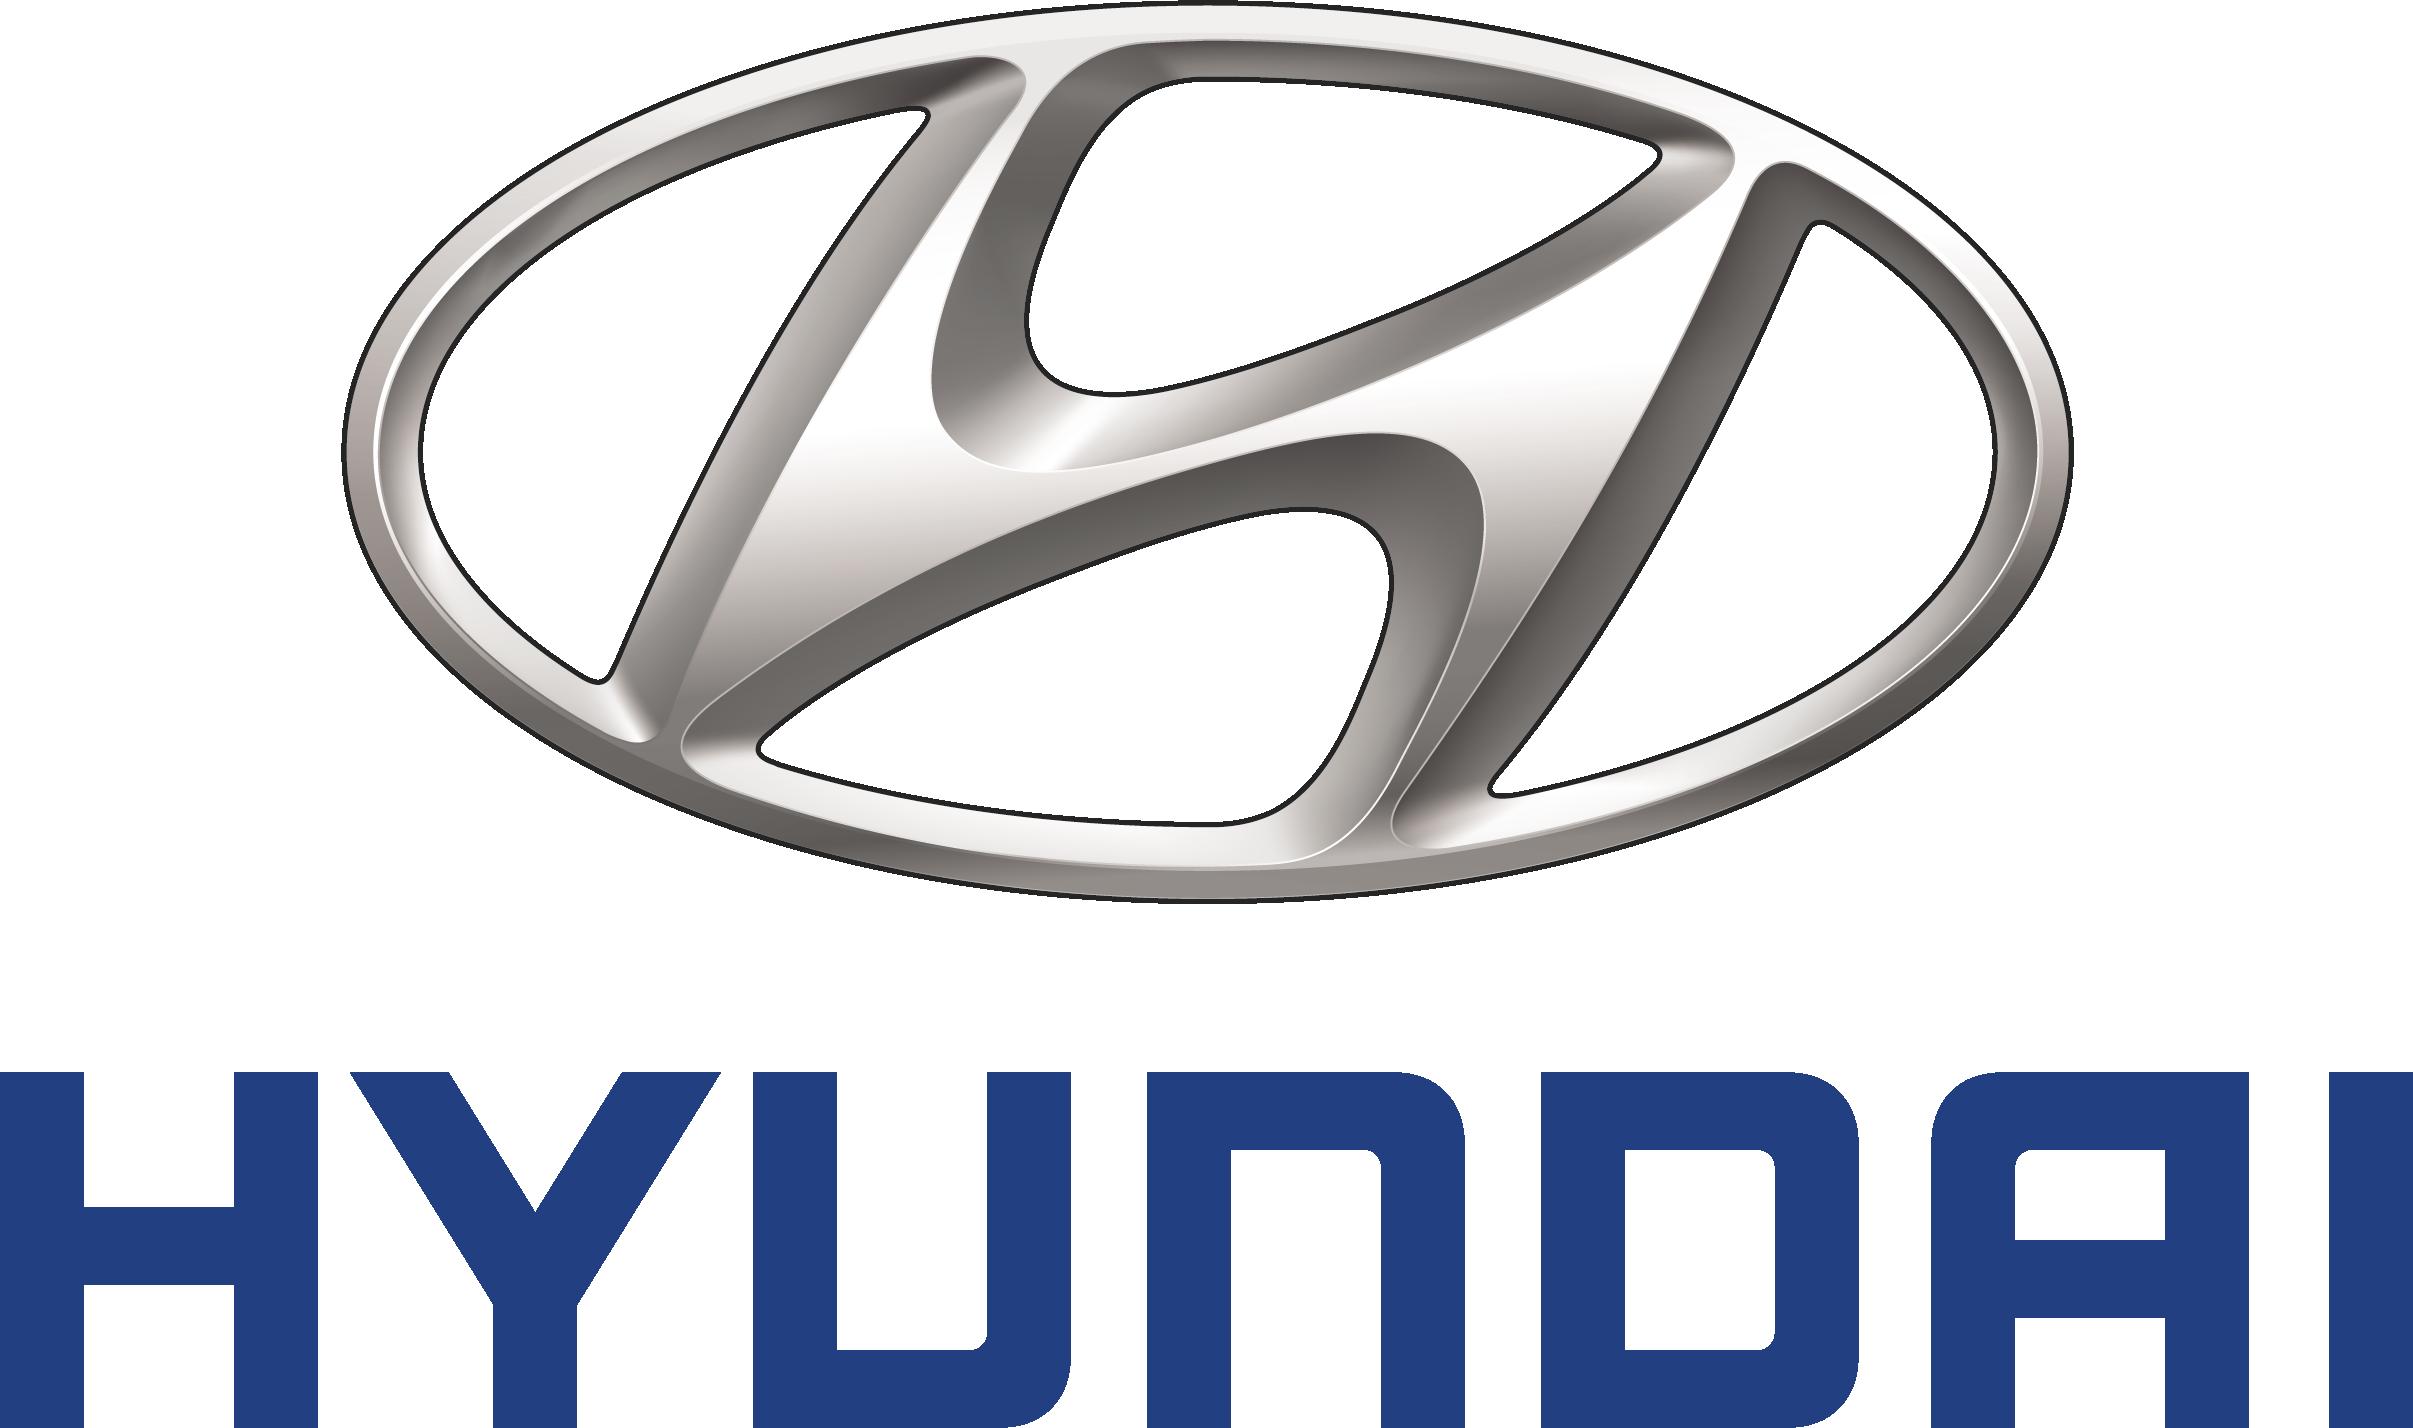 Hyundai Logo PNG - Hyundai Logo PNG